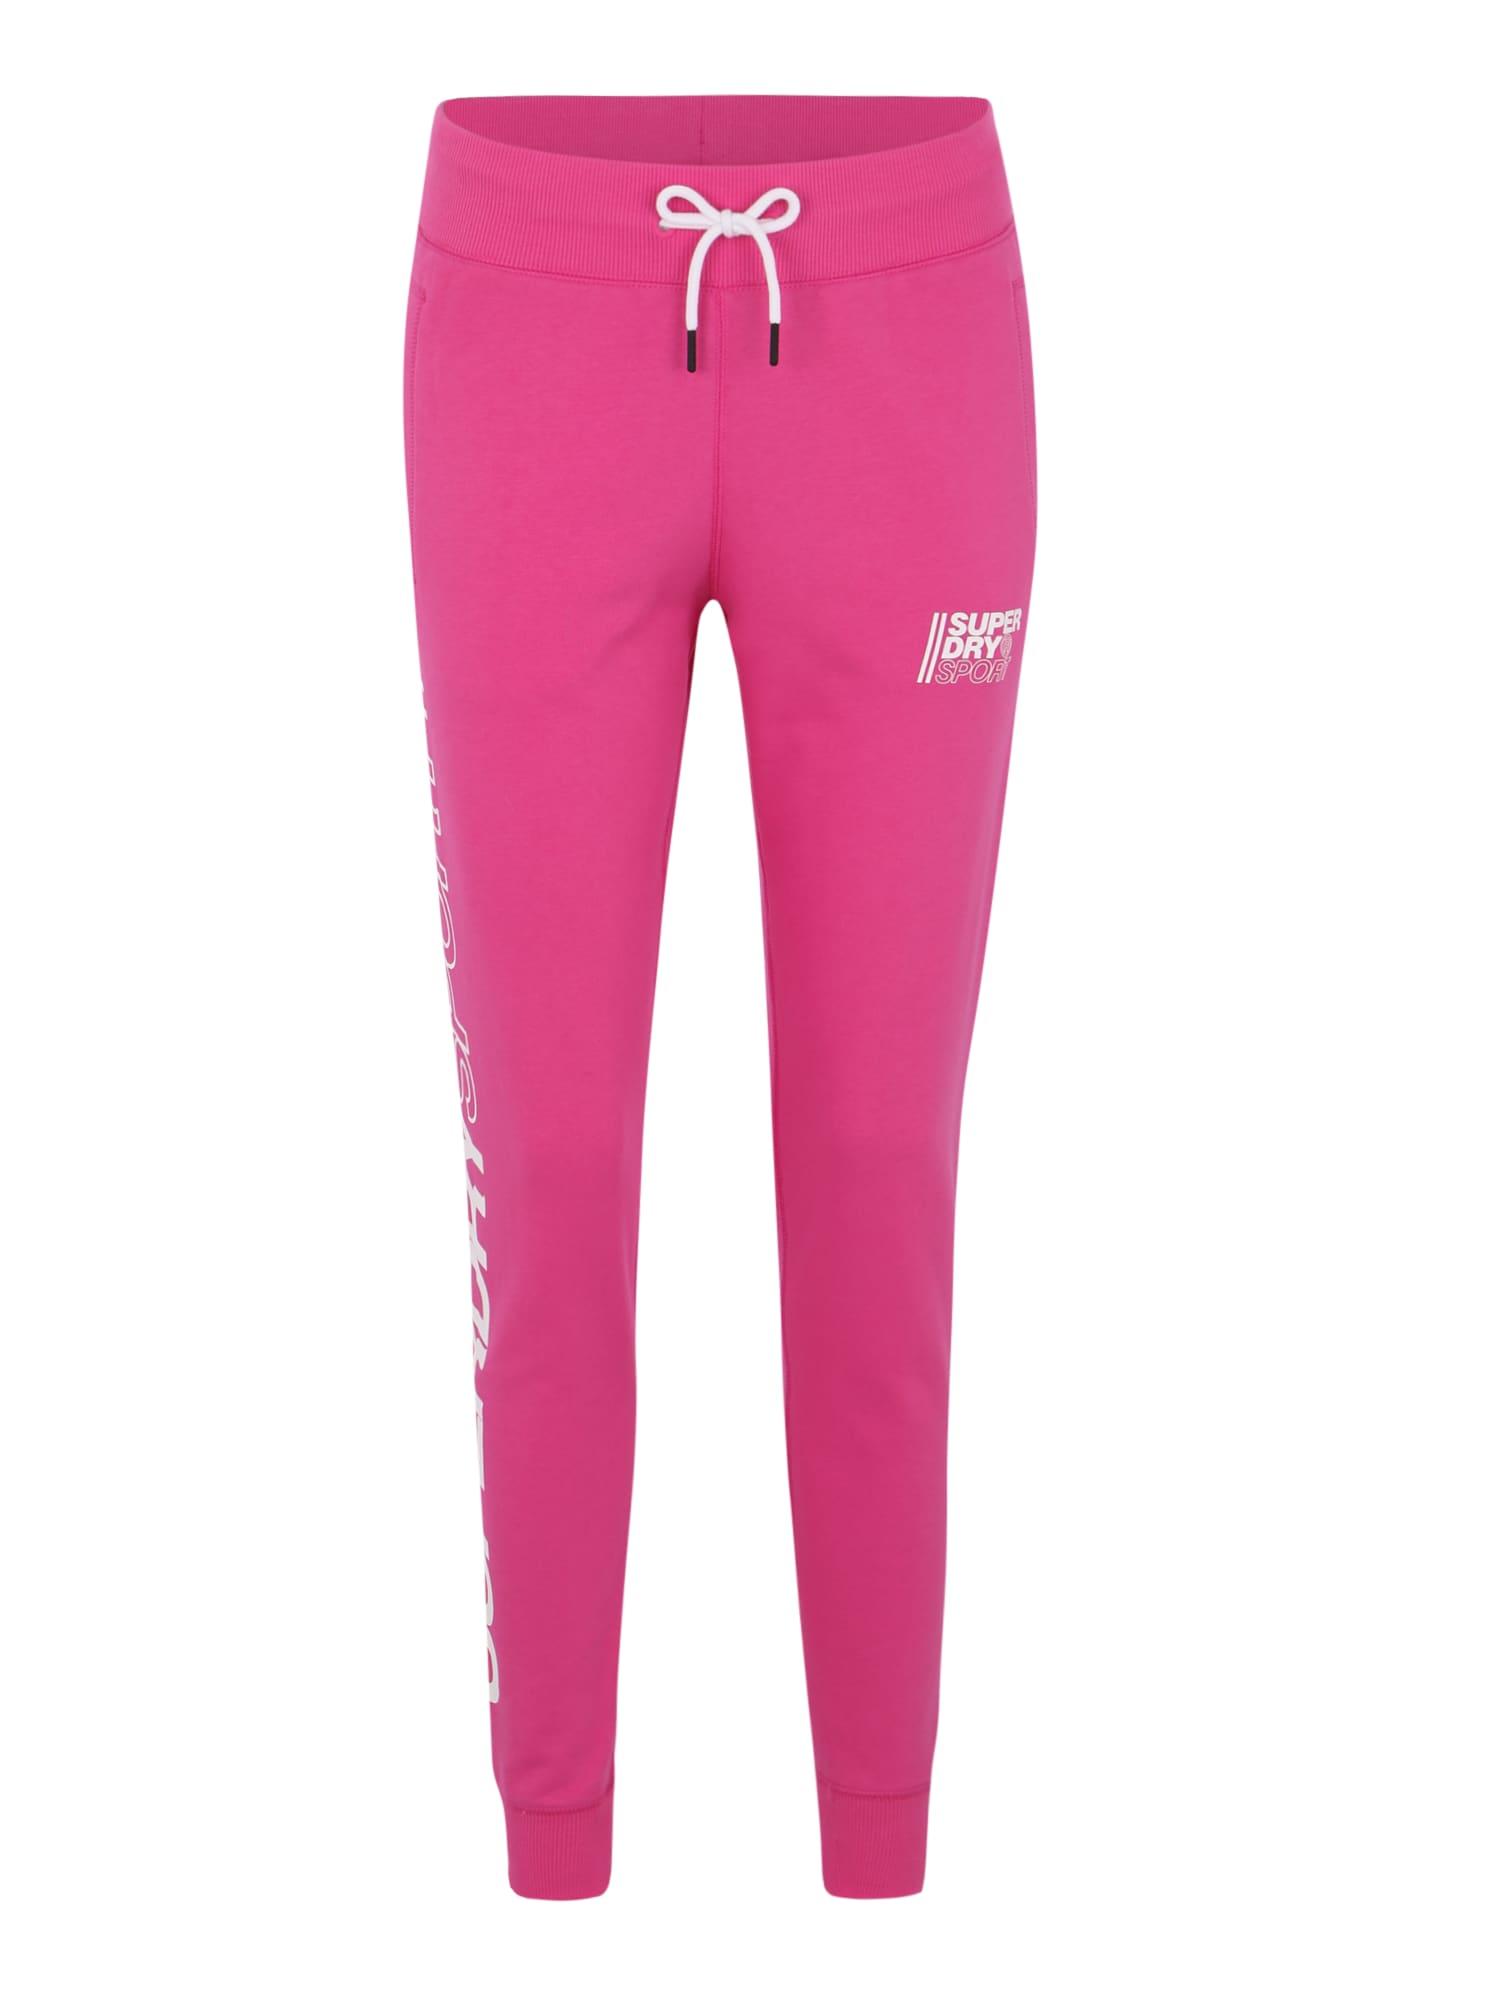 Sportovní kalhoty Core Sport Joggers pink Superdry